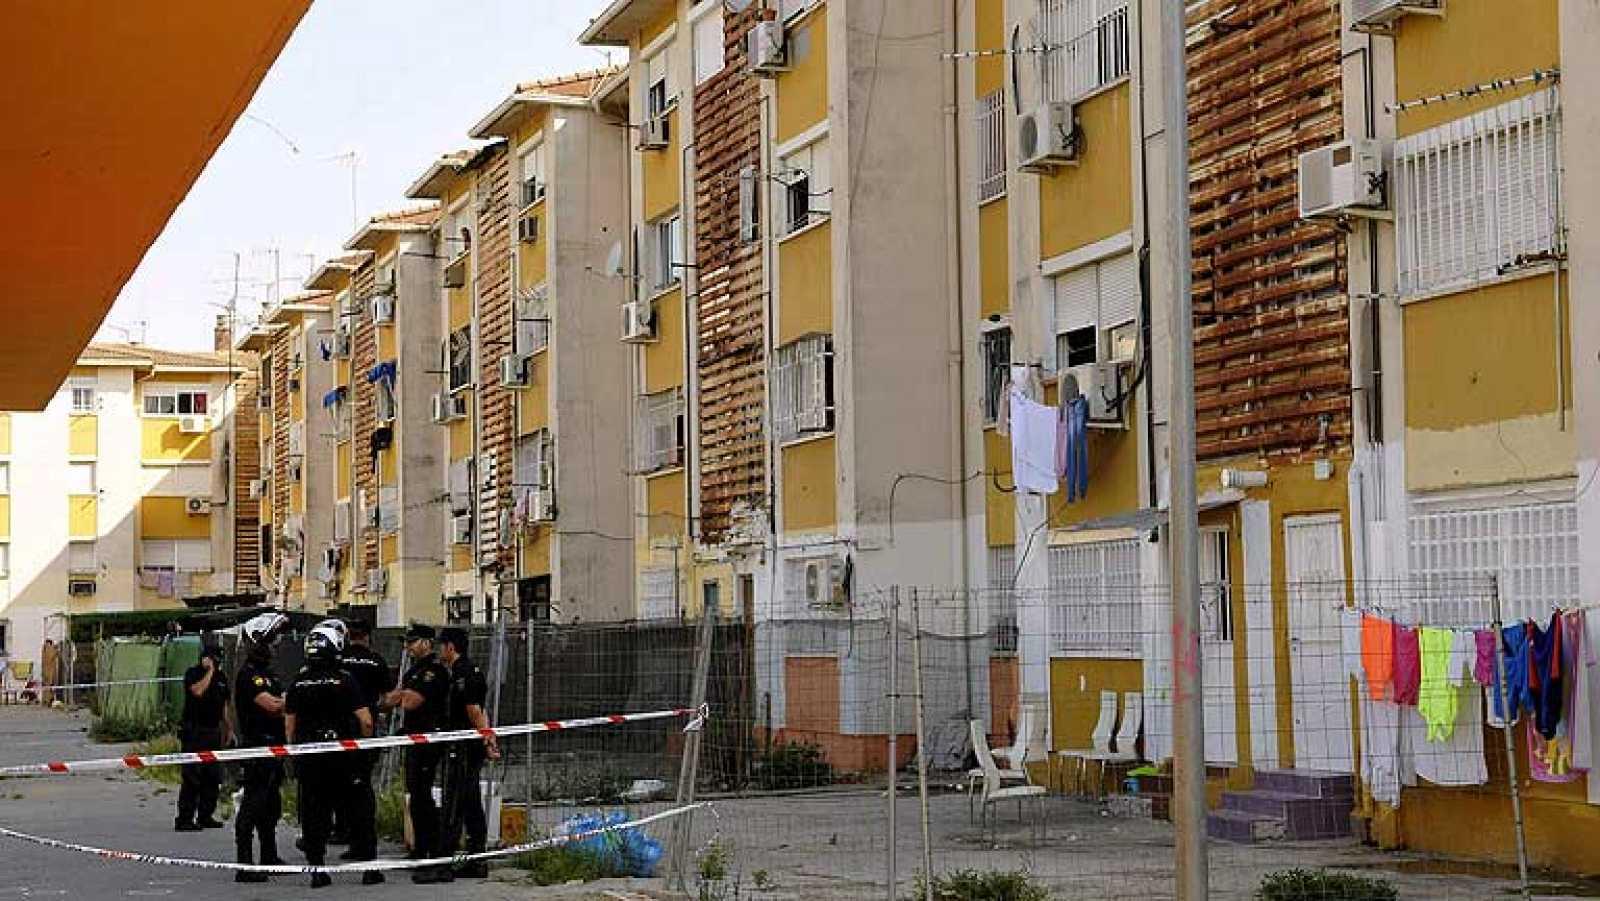 Muere Una Nina En Un Tiroteo En La Barriada Sevillana De Las Tres Mil Viviendas